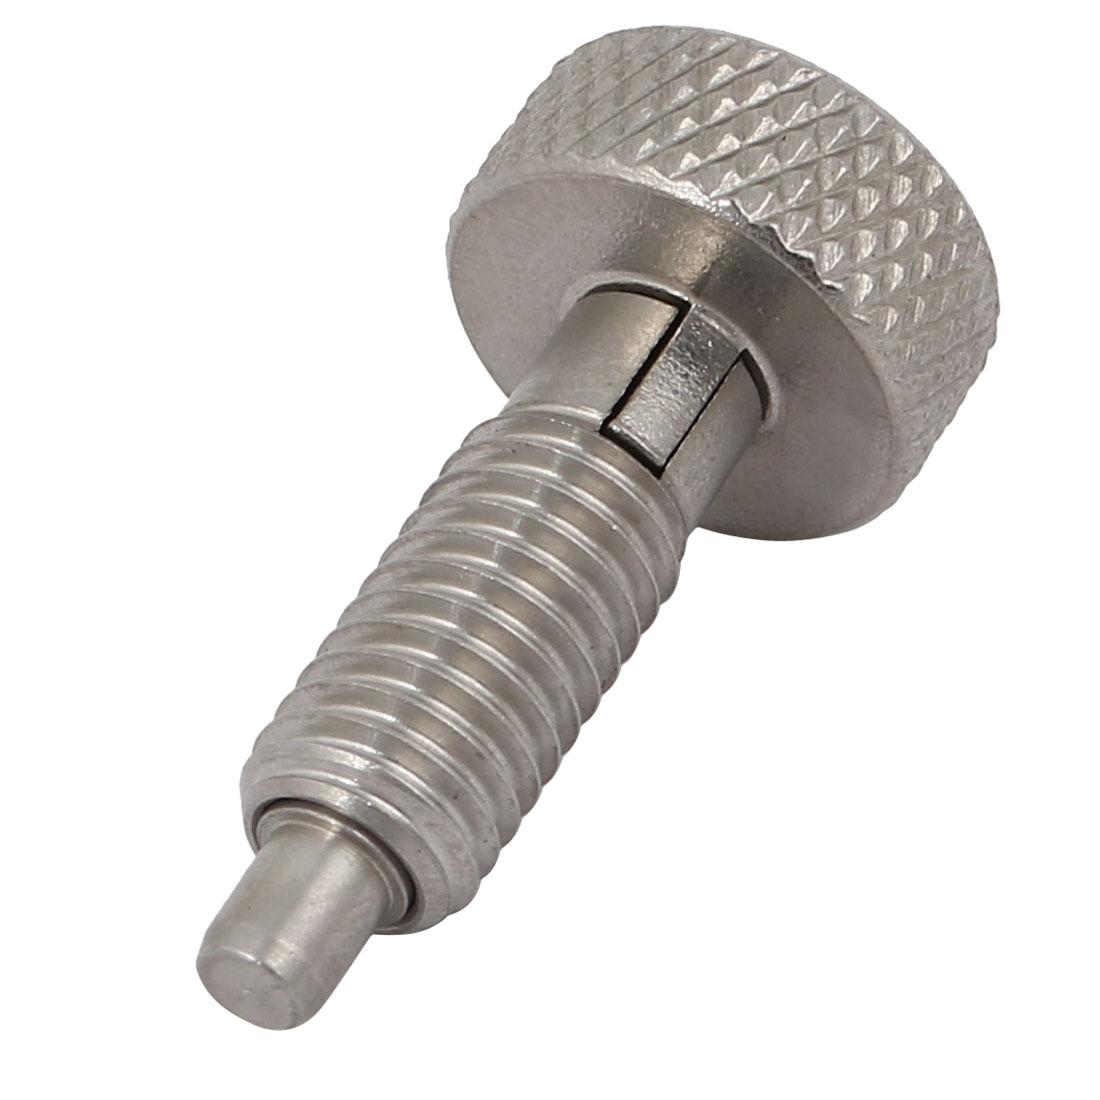 M8 Fil 4mm Dia axe blocage acier carbone indexation type platur bouton moleté - image 2 de 2